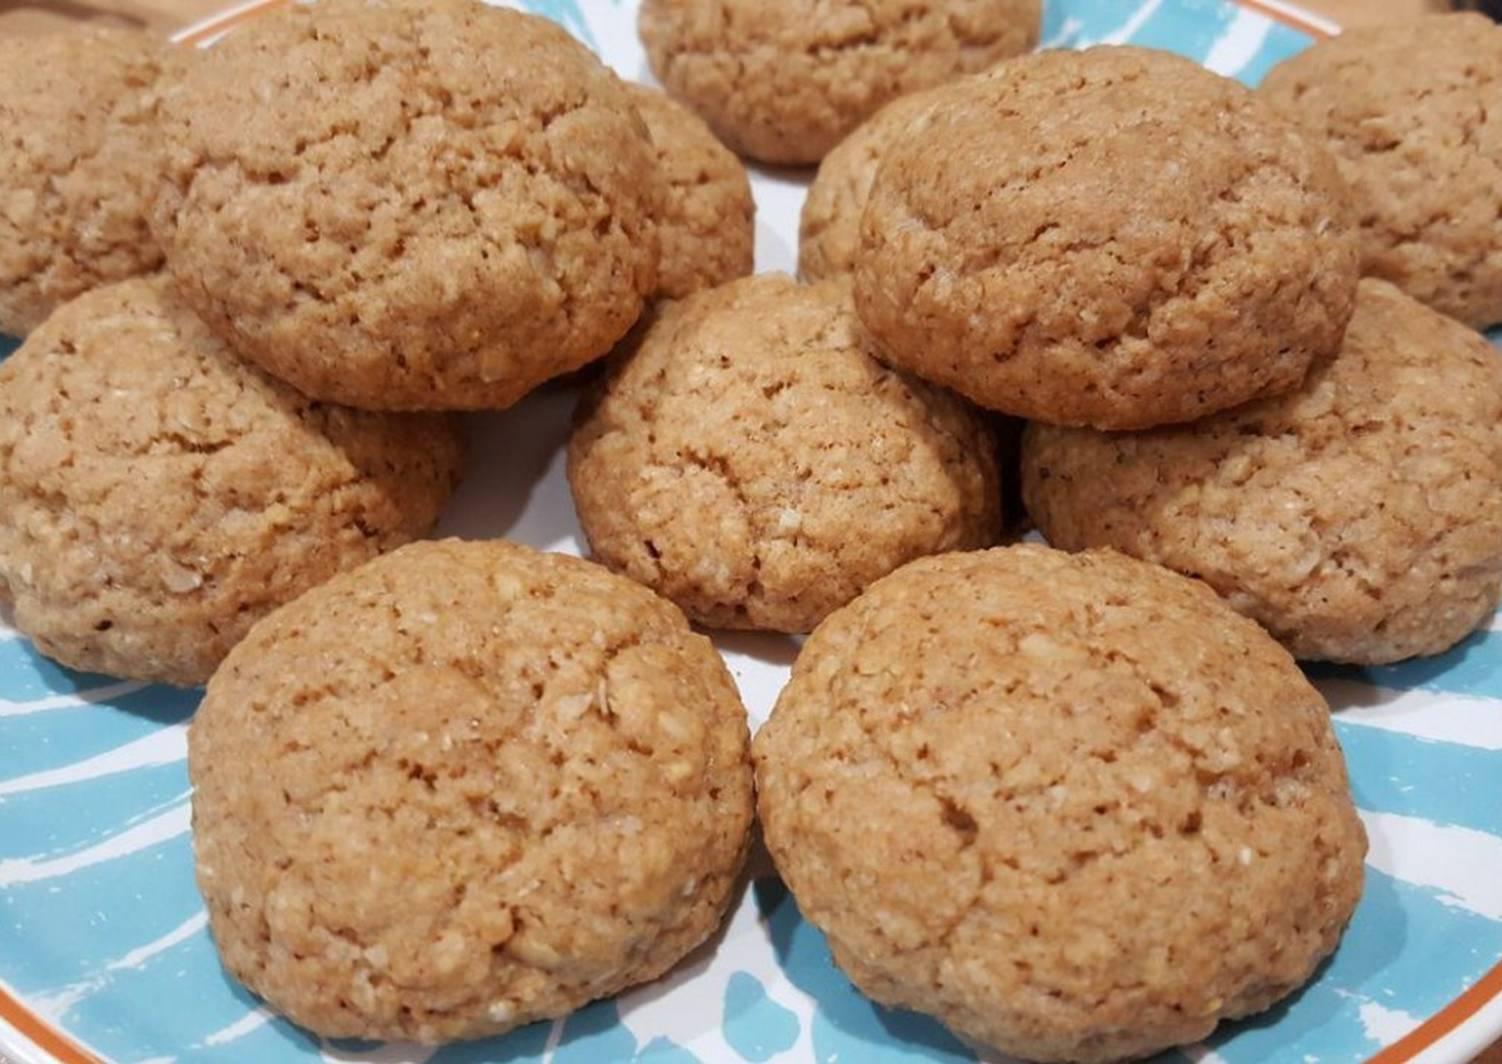 сегодняшней рецепт печенья из простокваши с фото вносит путаницу позволяет